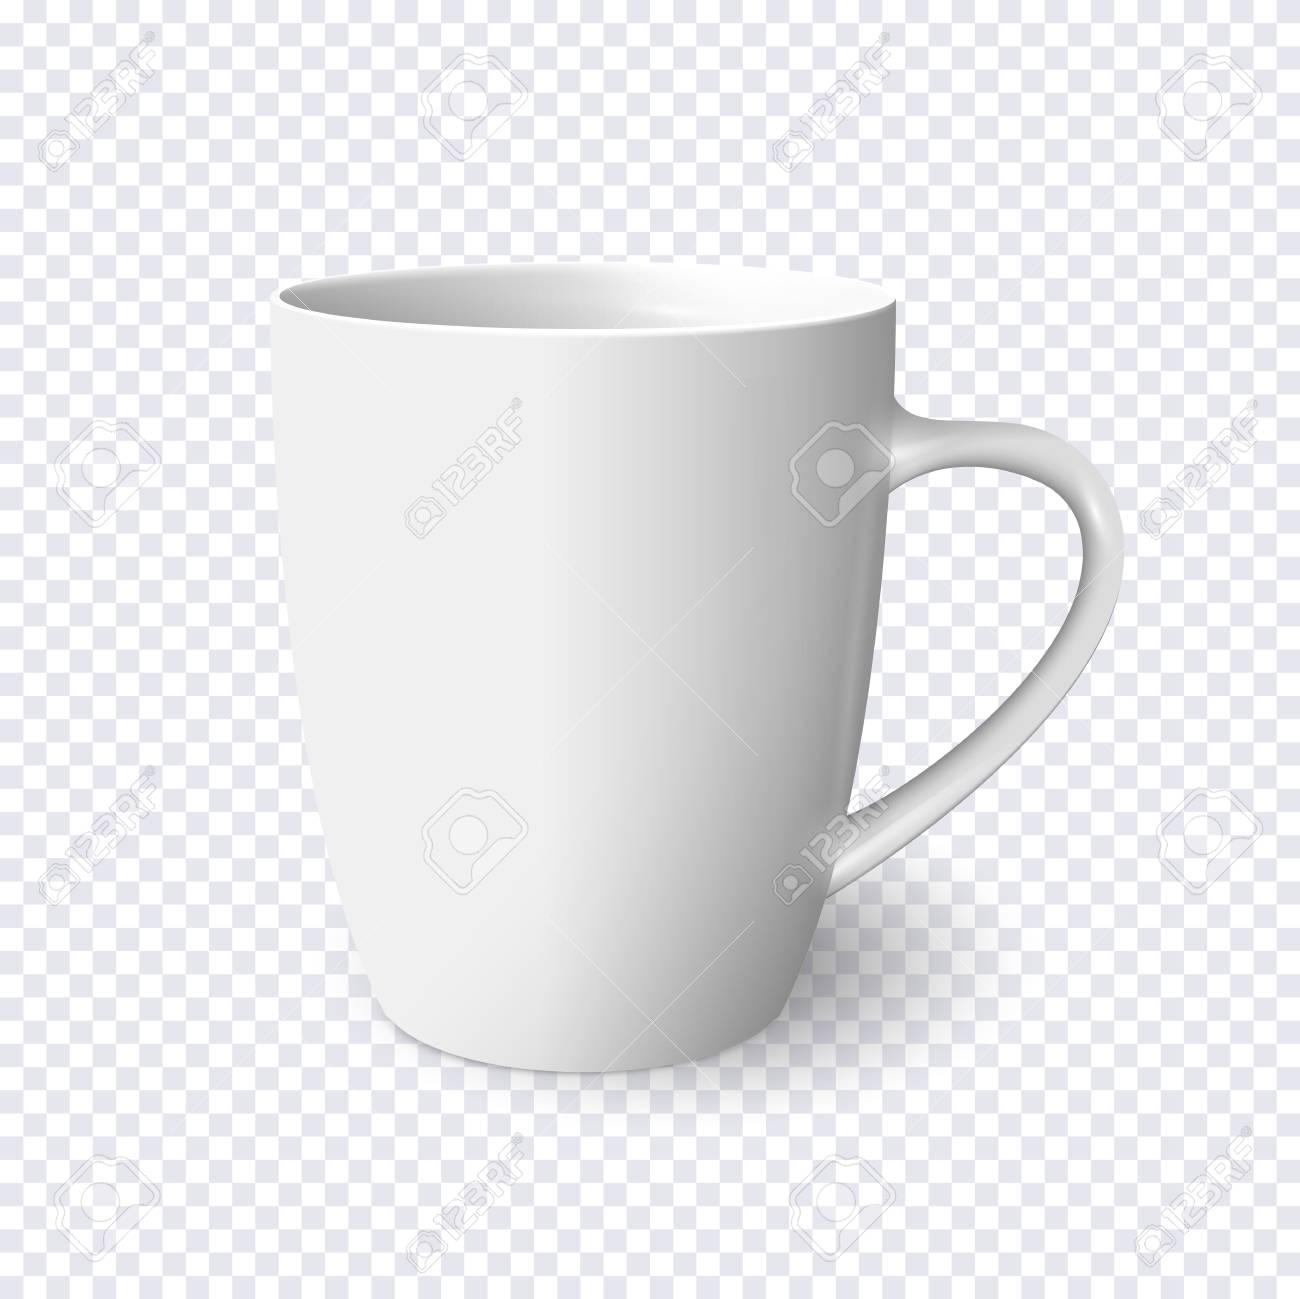 Nett Papier Kaffeetasse Malvorlagen Bilder - Druckbare Malvorlagen ...